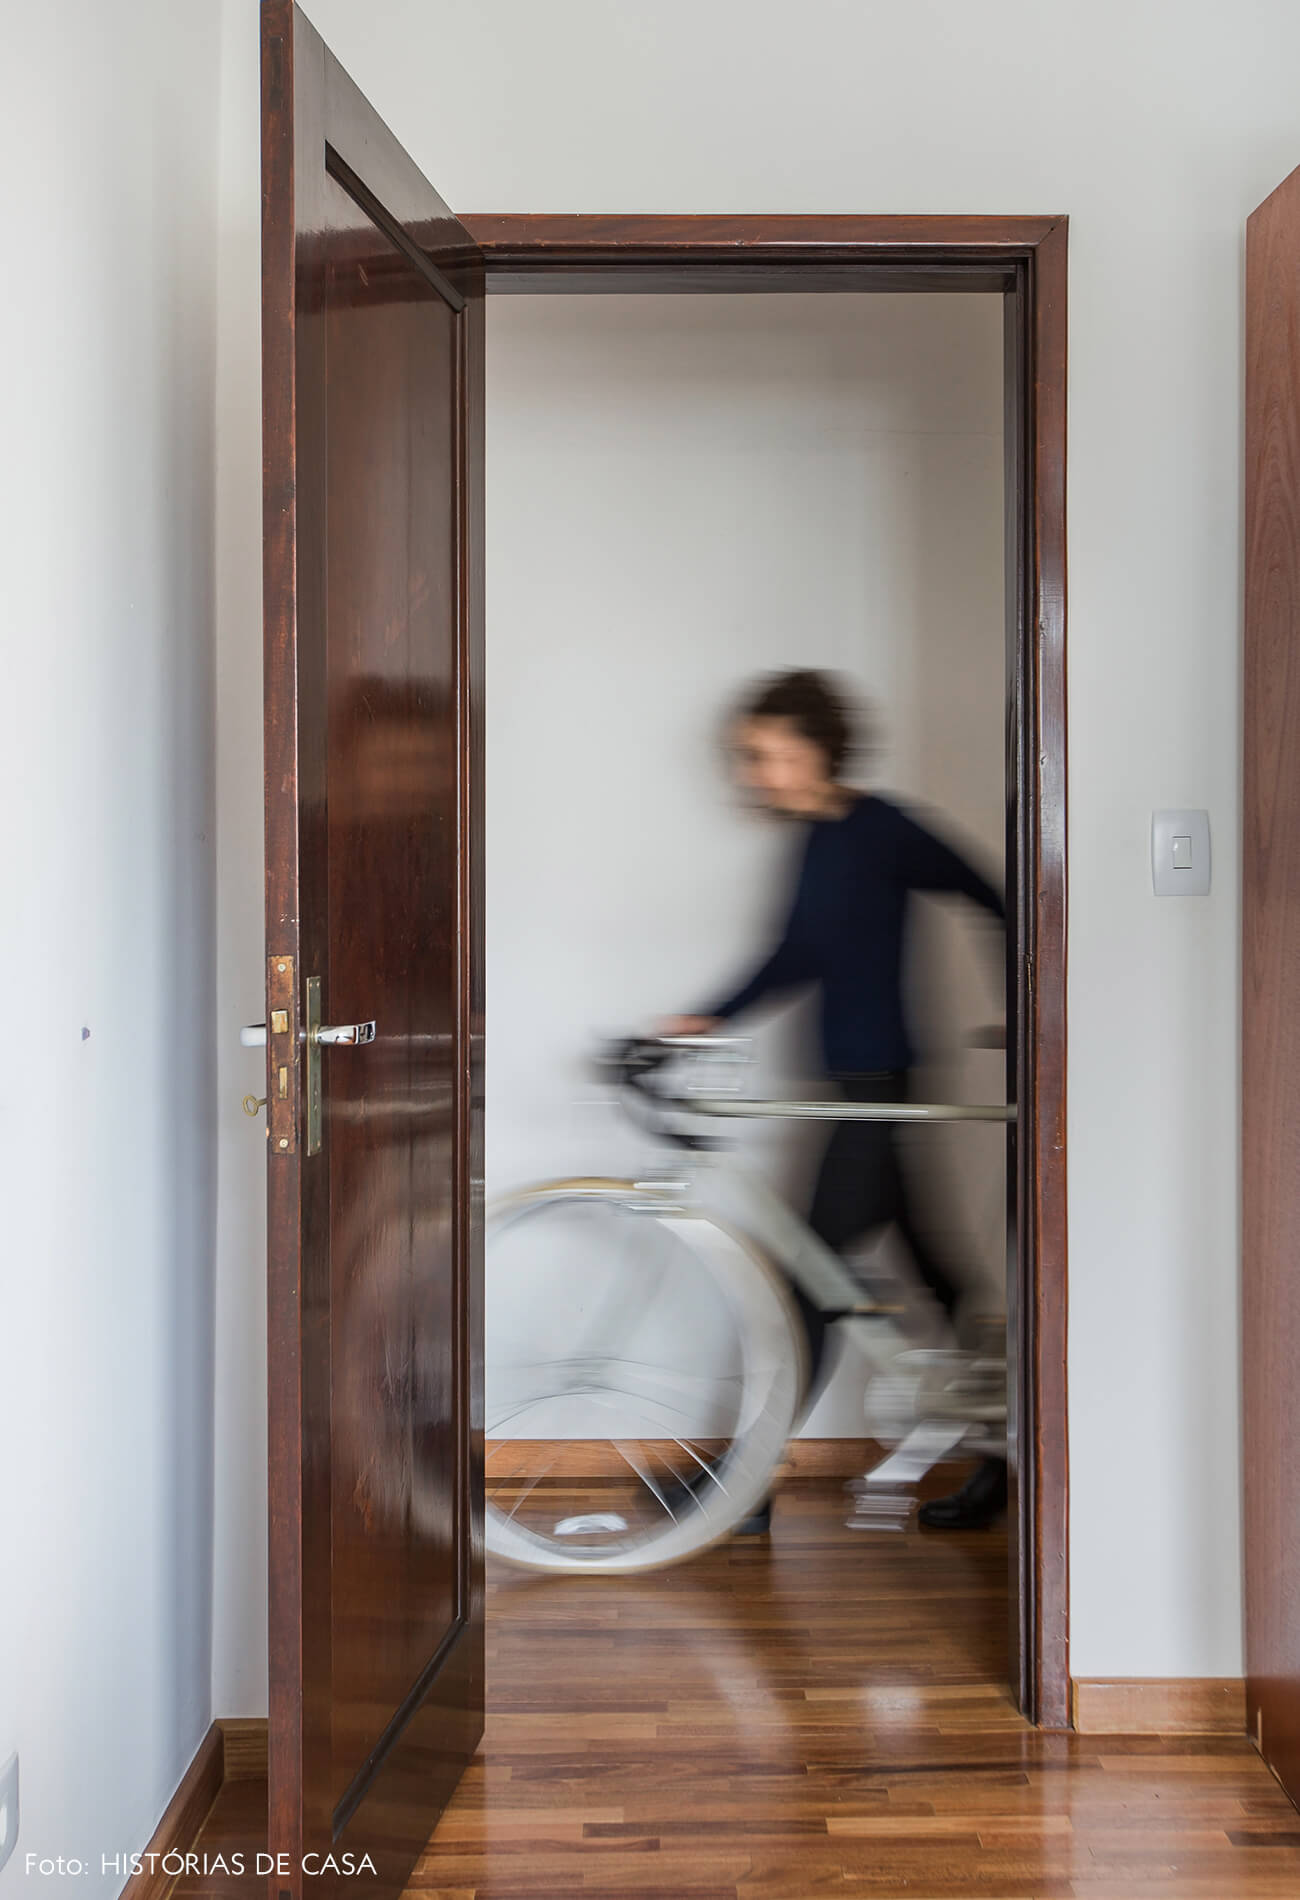 Apartamento antigo com bicicleta vintage